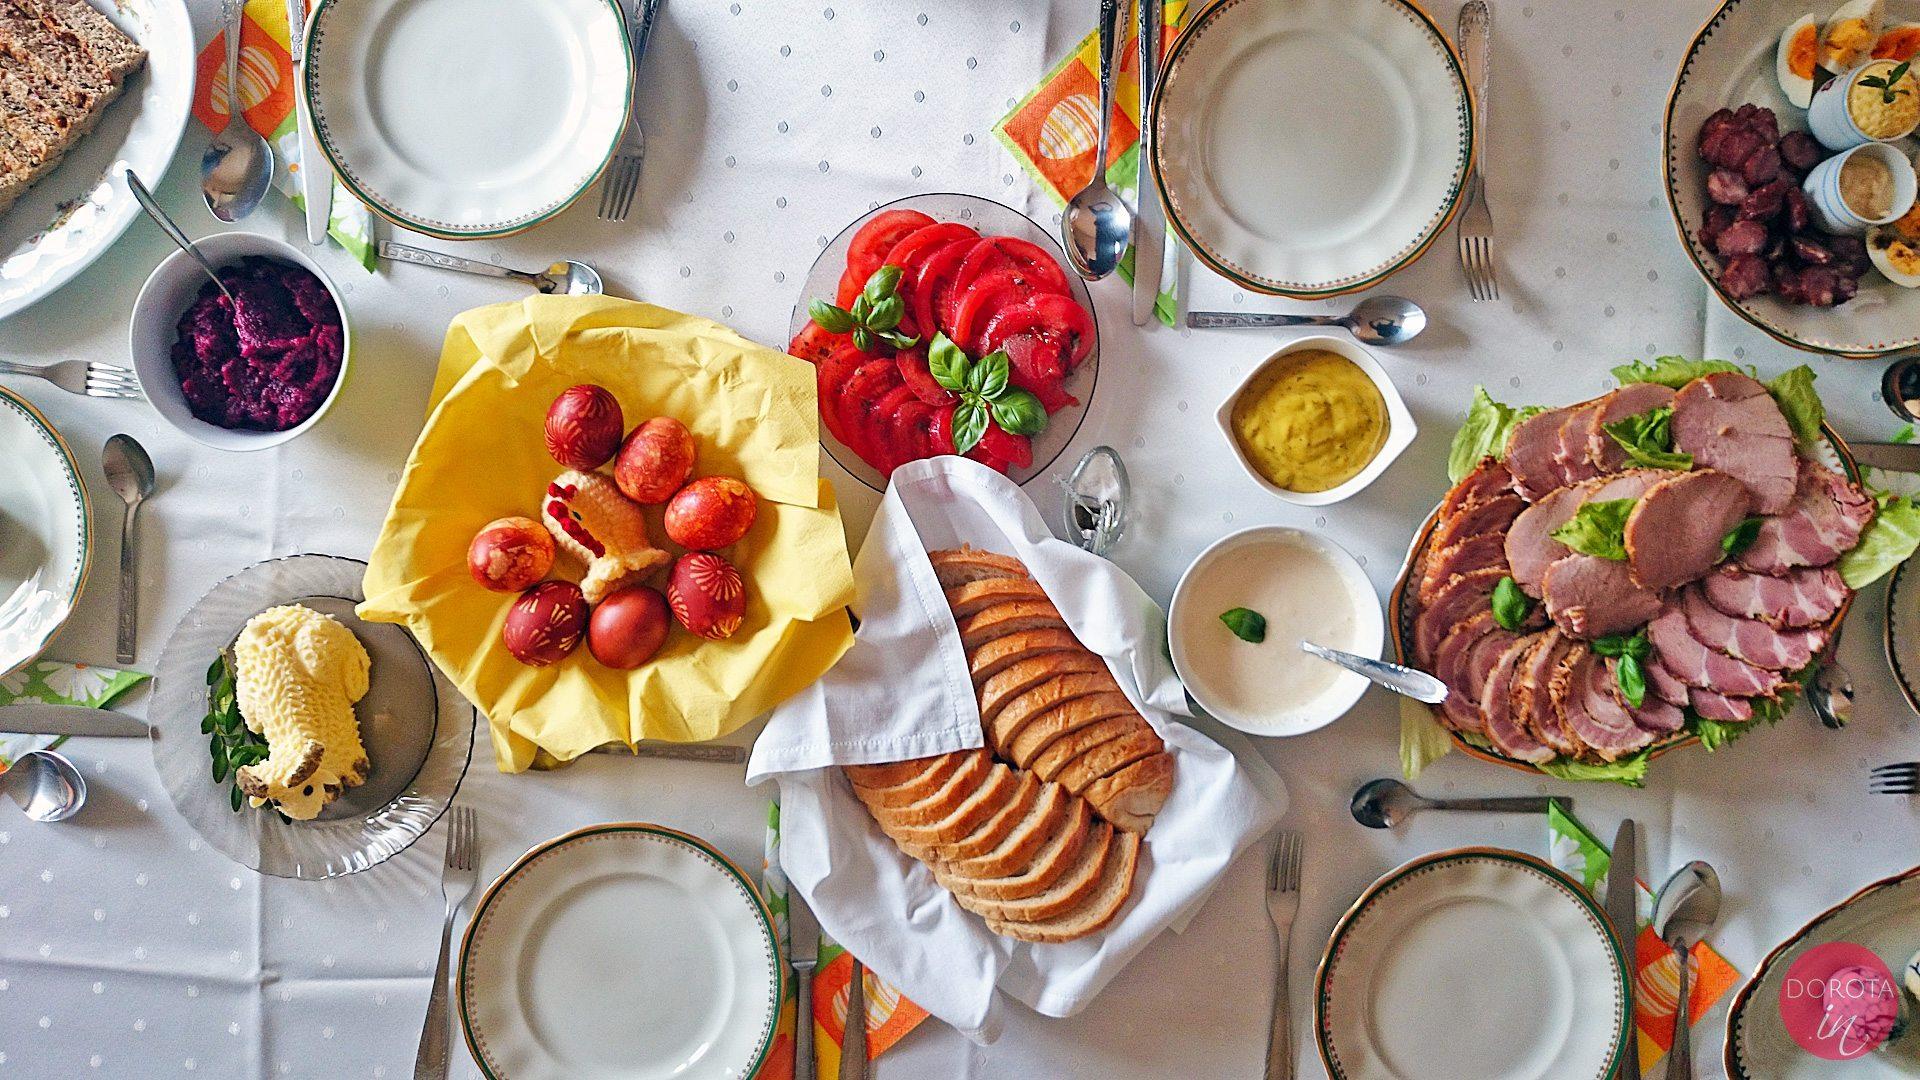 Potrawy na Wielkanoc w moim domu